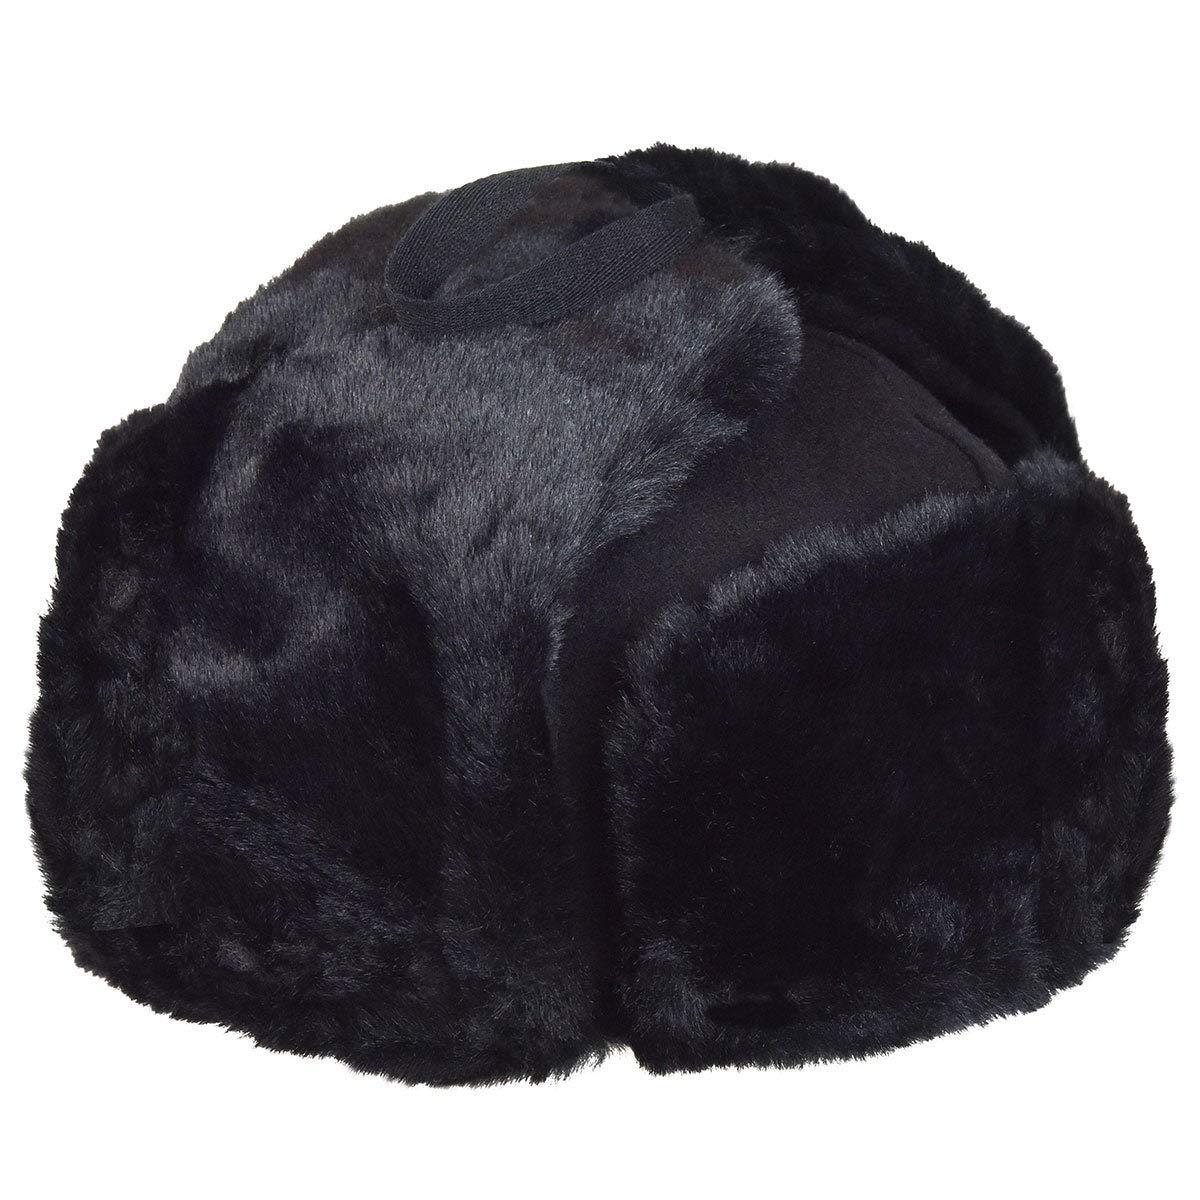 Kangol Men's Wool Ushanka Hat